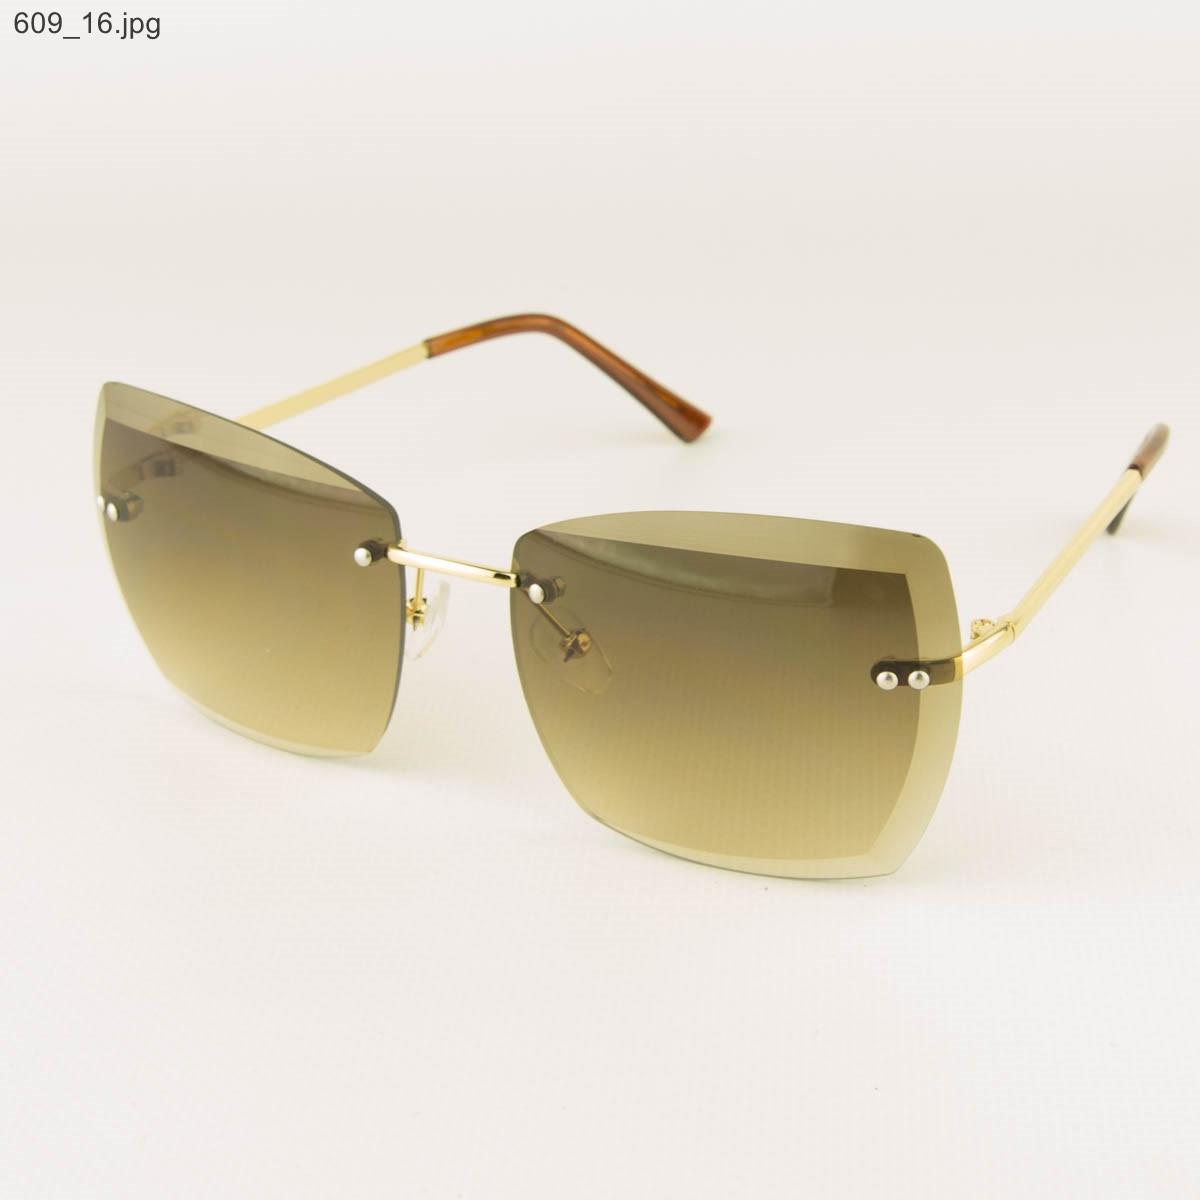 Солнцезащитные квадратные женские очки с коричневыми линзами - 609